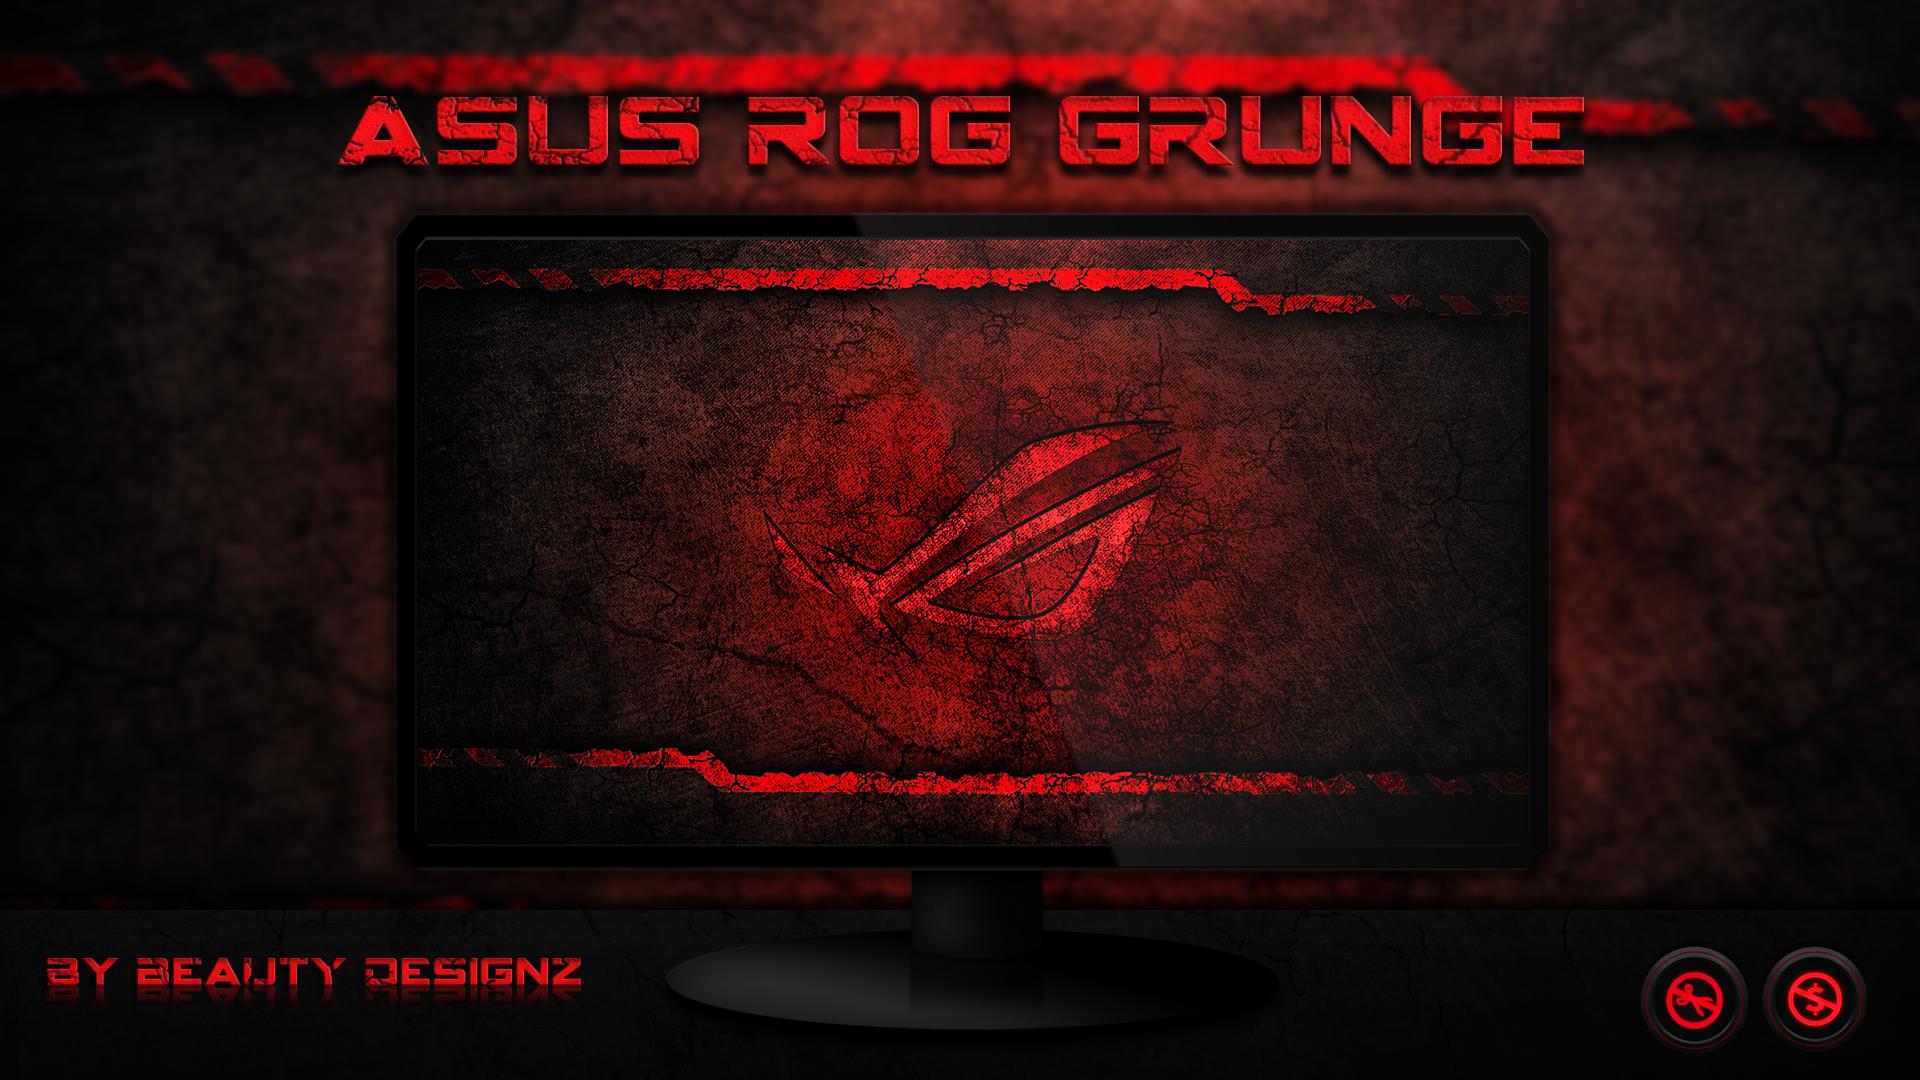 ASUS ROG Grunge Wallpaper